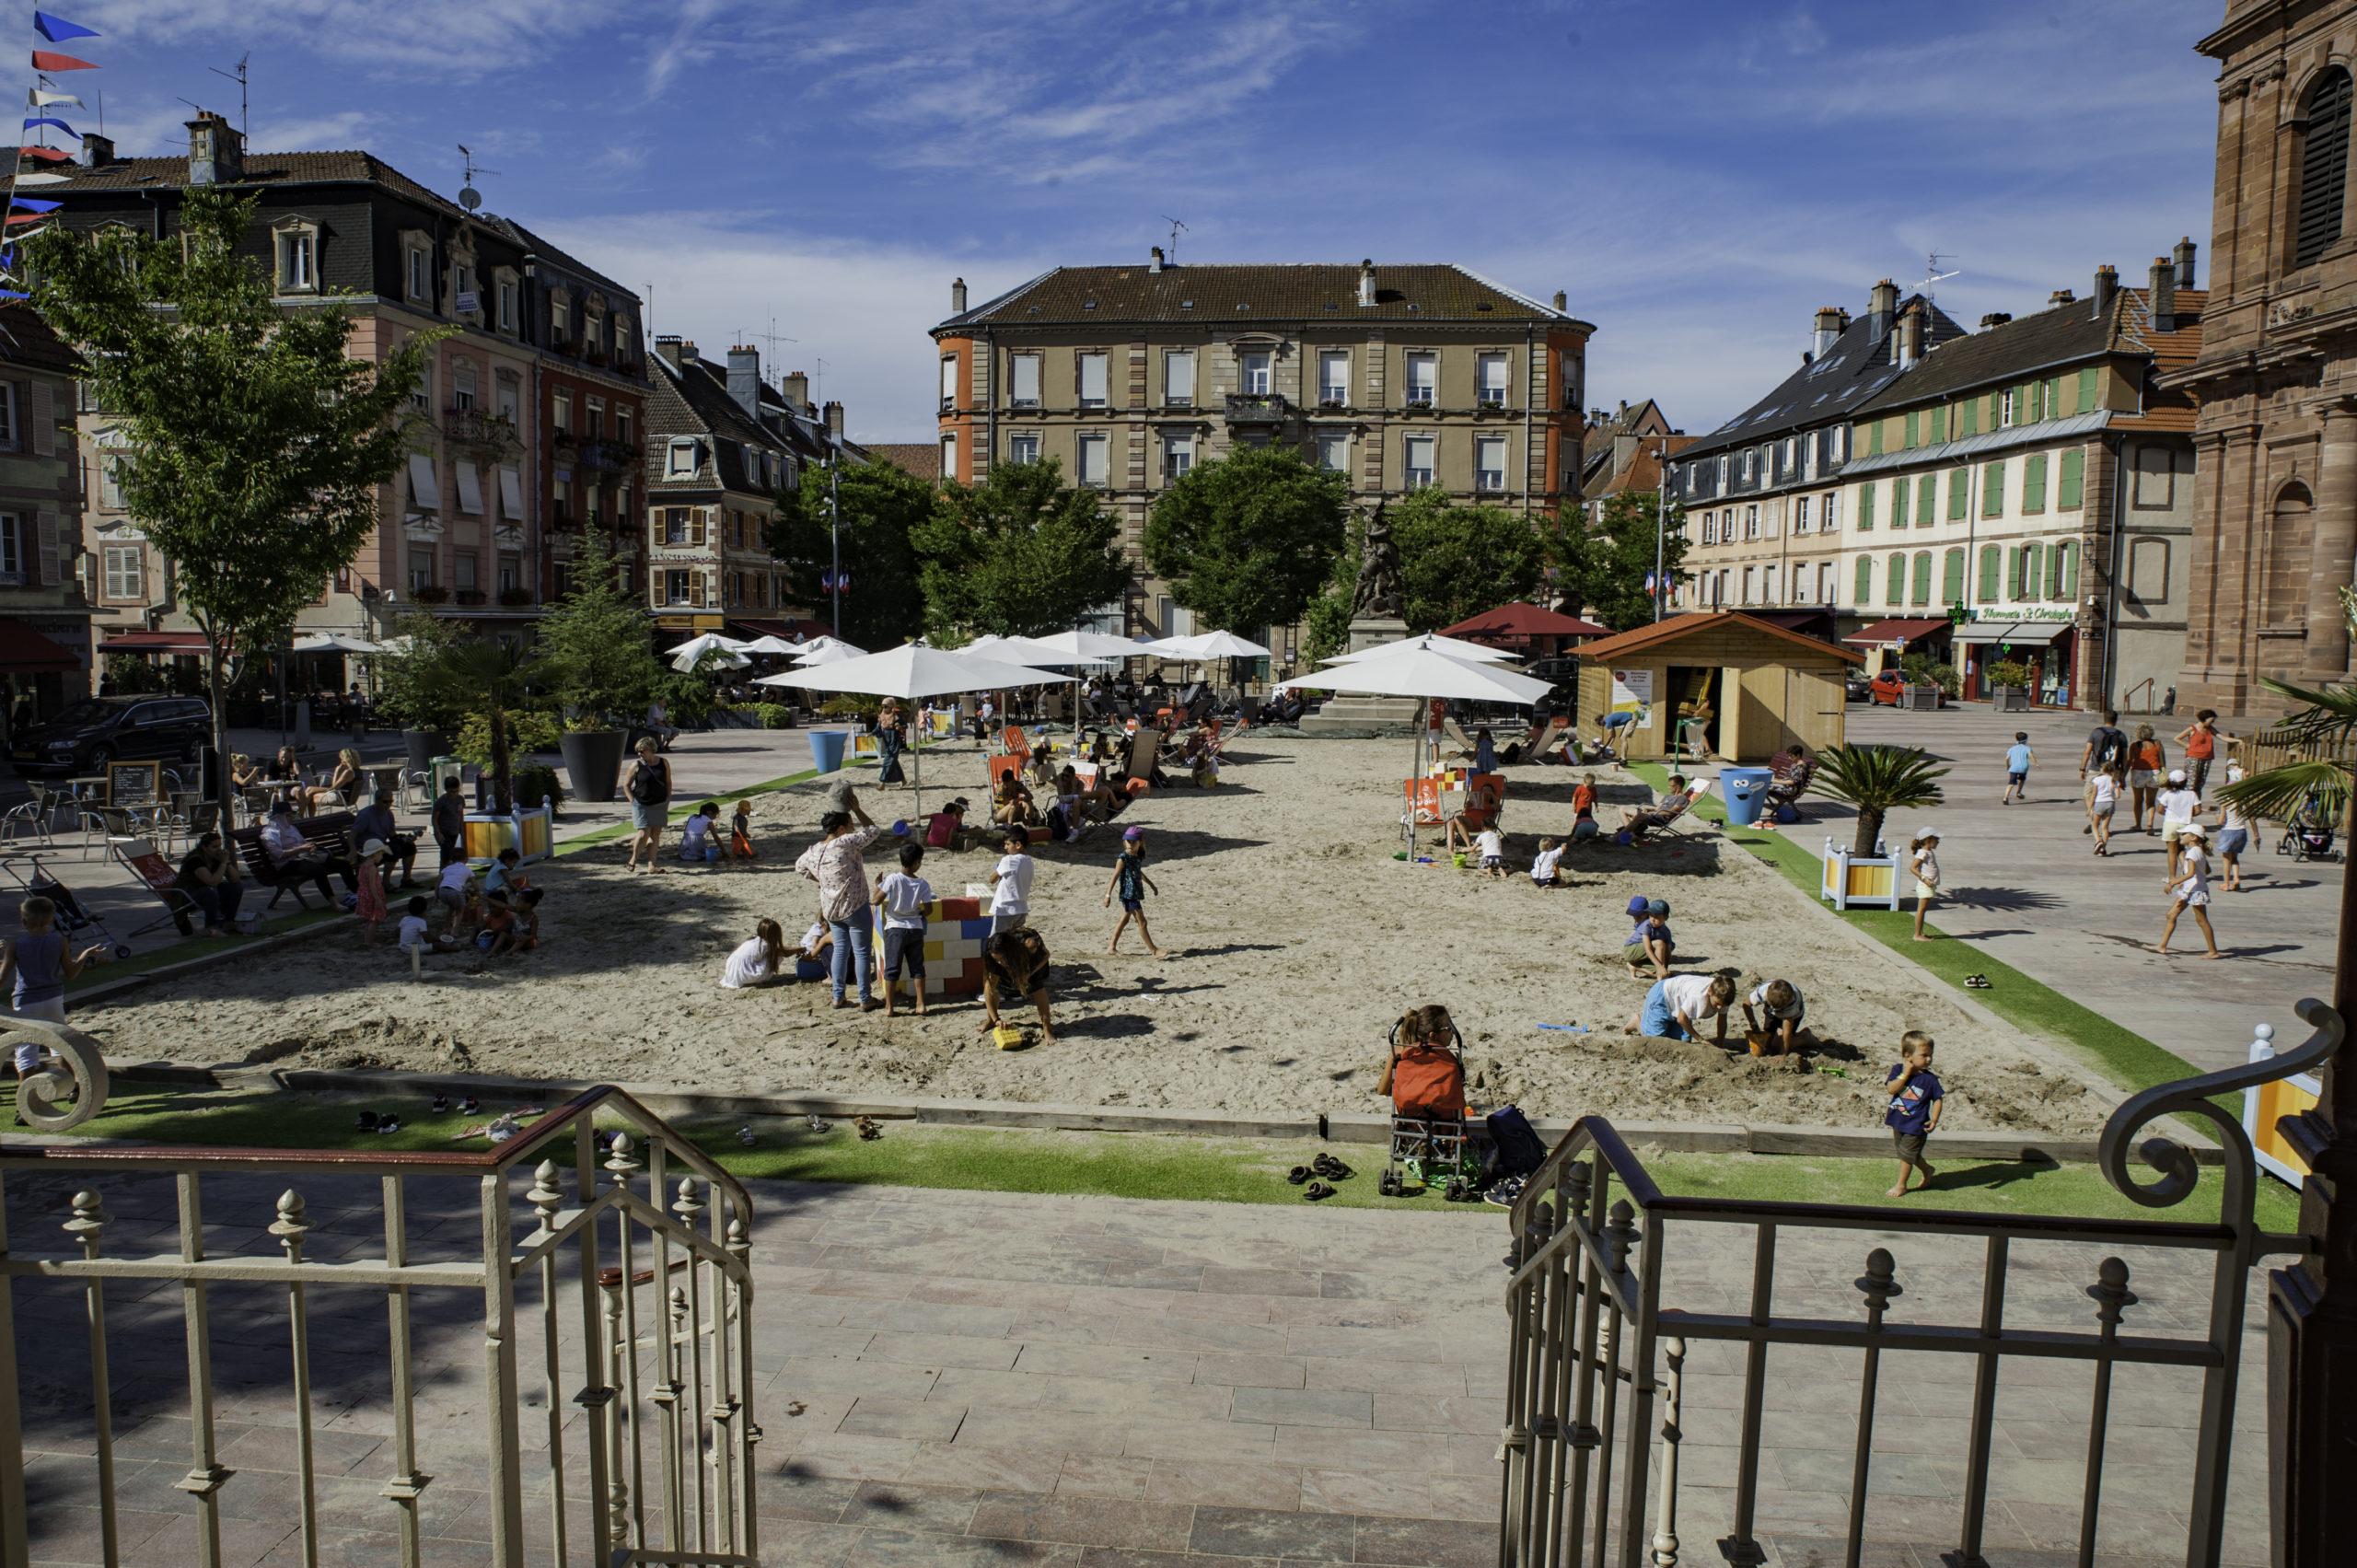 Plage Place d'Armes festiv'été, Mairie de Belfort